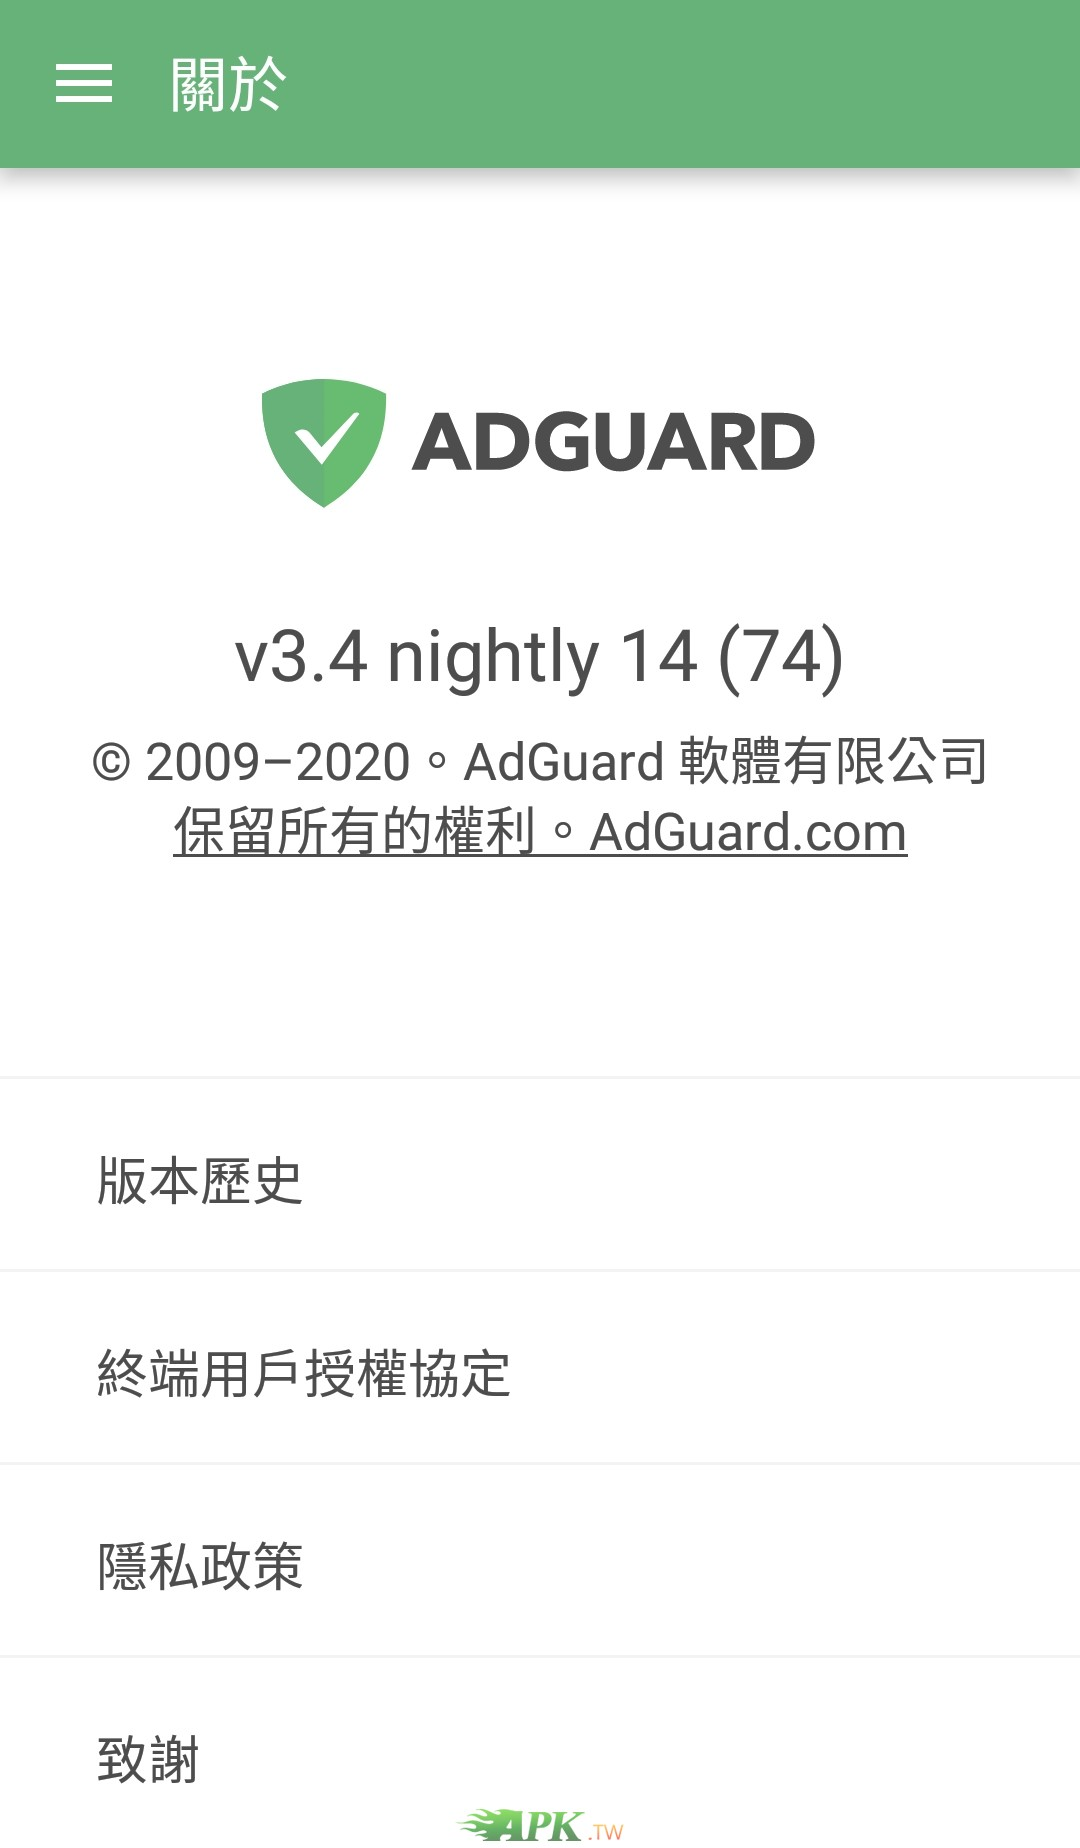 AdGuard_Premium__5_74.jpg